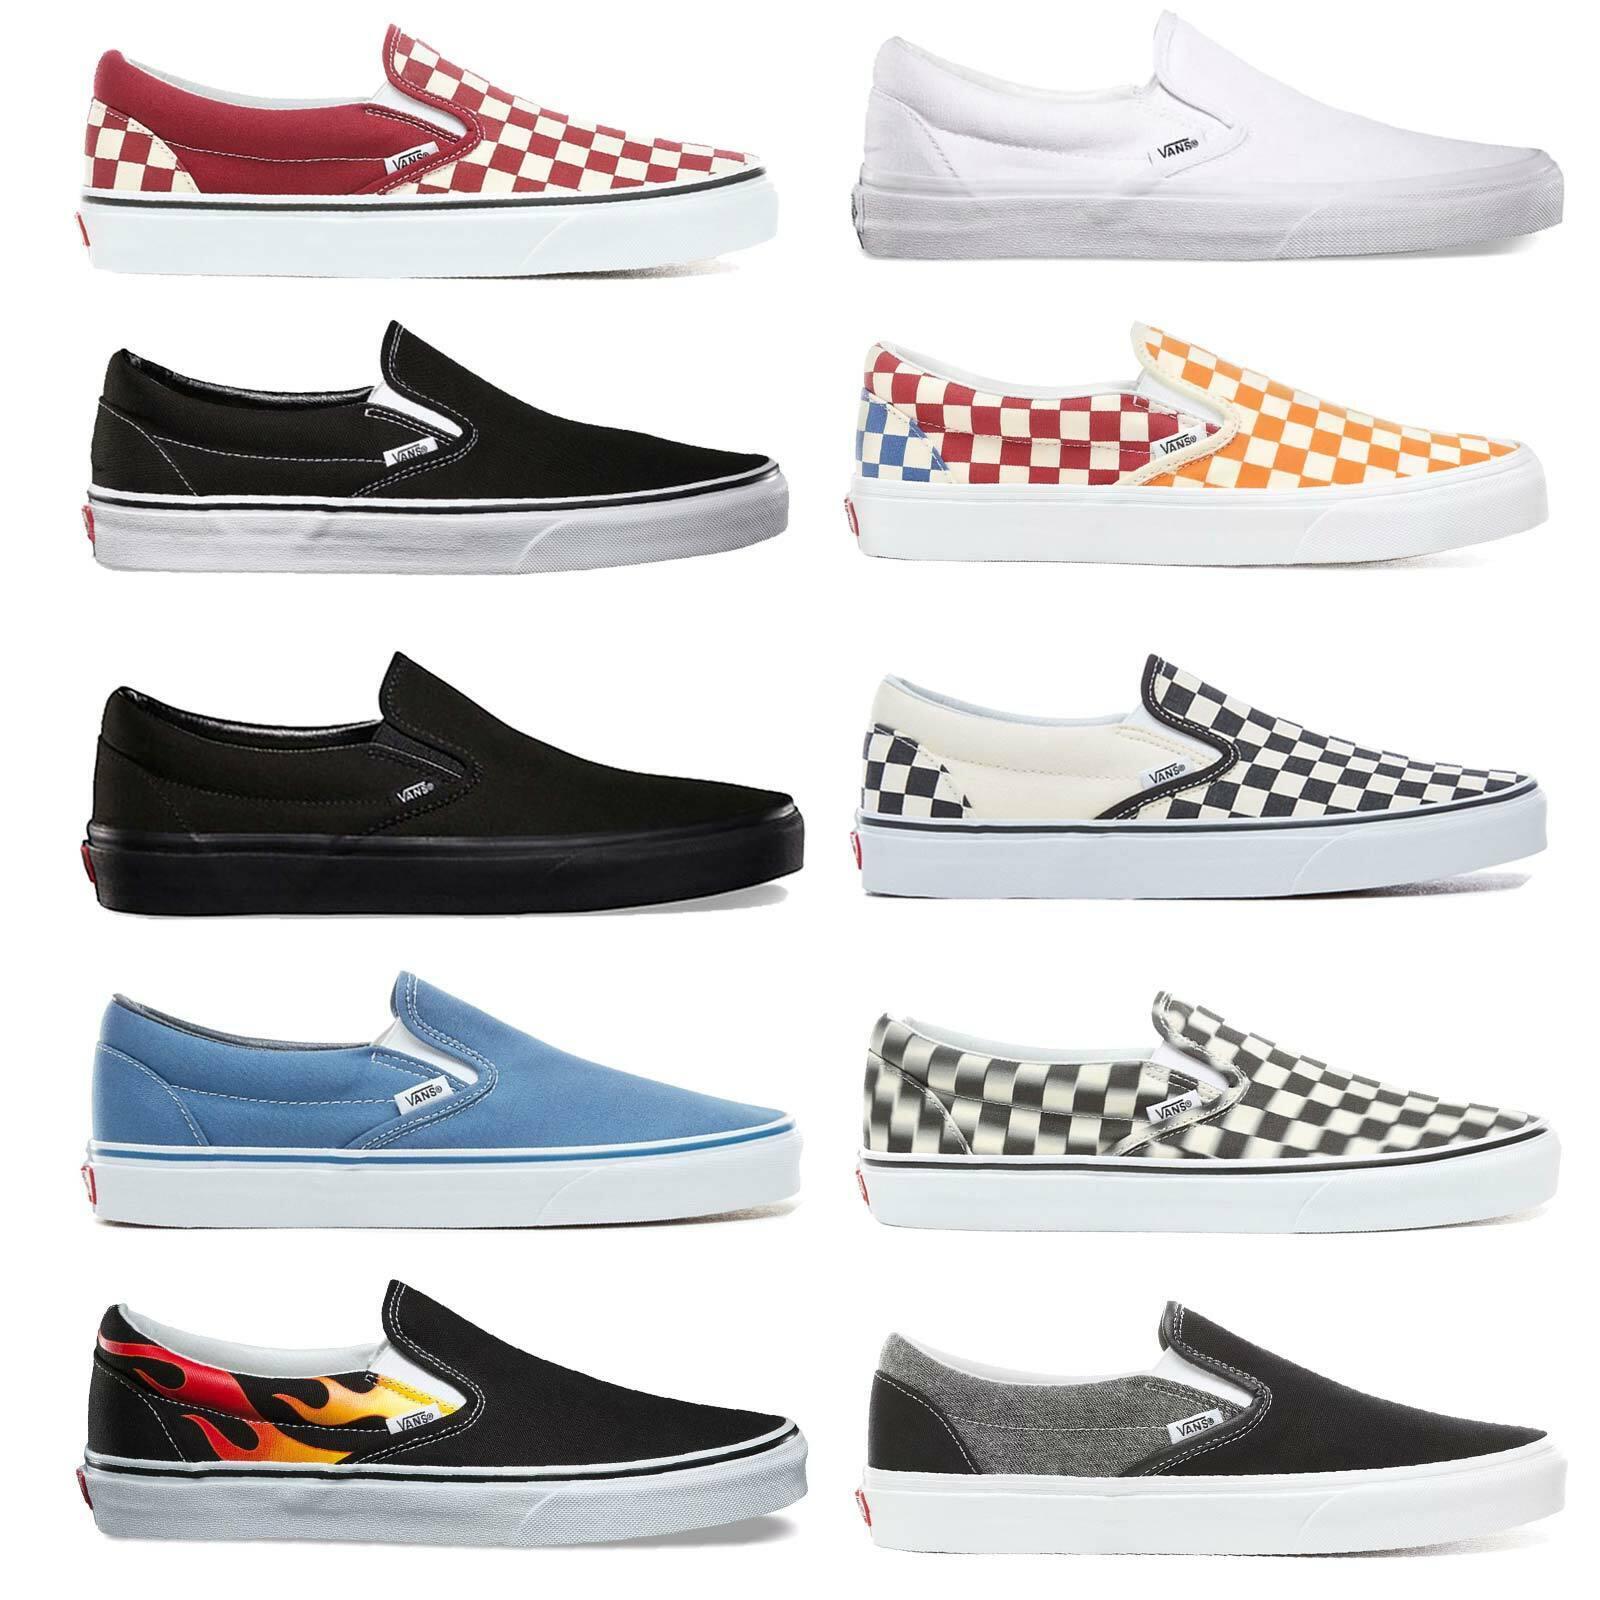 Vans Classic Slip On Herren Schuhe Slipper Sneaker Halbschuhe Skateschuhe Slipon